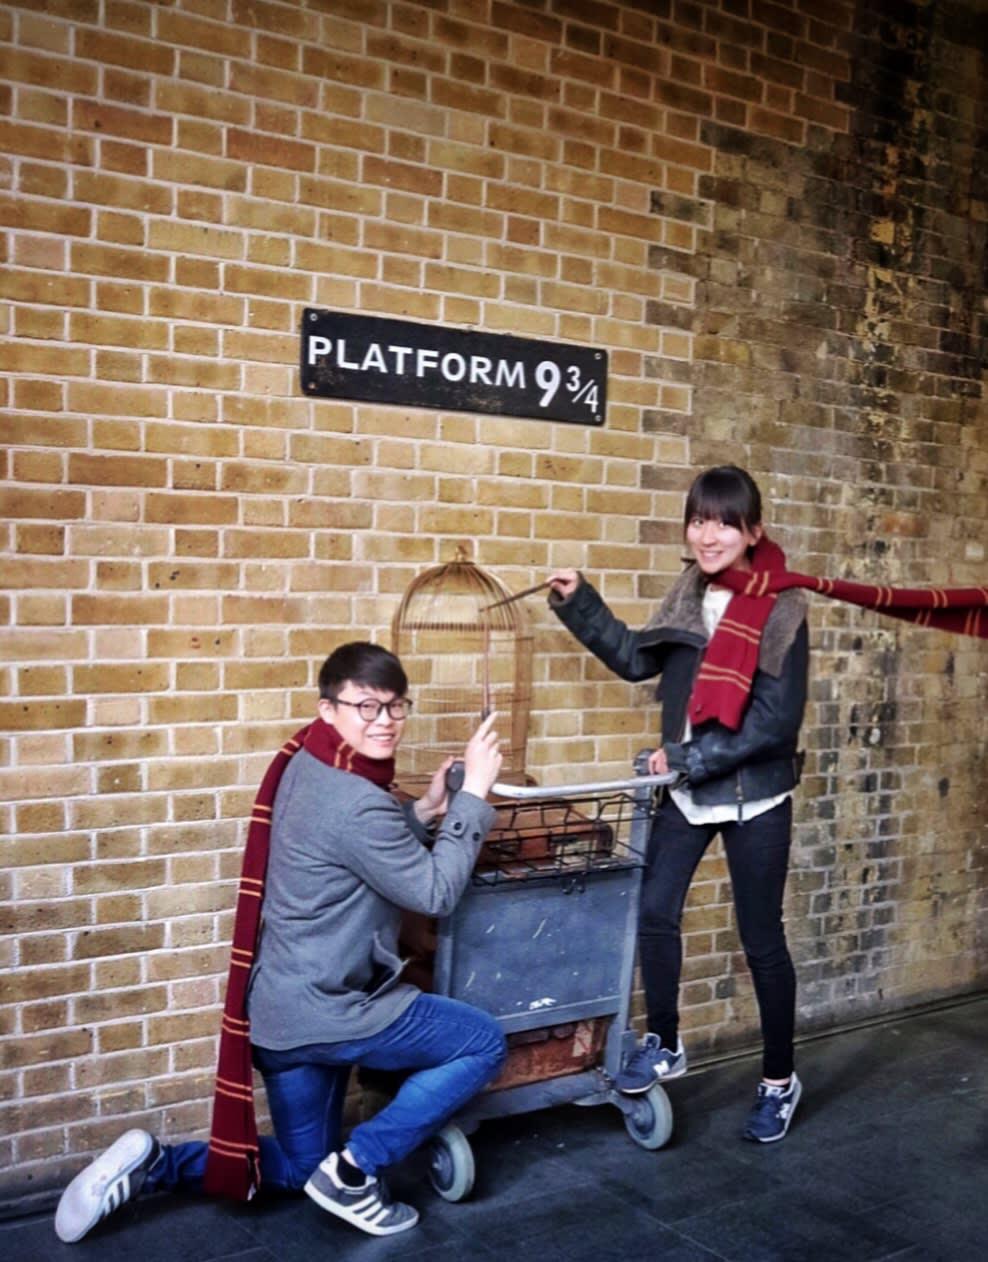 為電影而陳設的虛擬9 ¾月台。搭上霍格華茲特快列車,就能通往魔法學校。